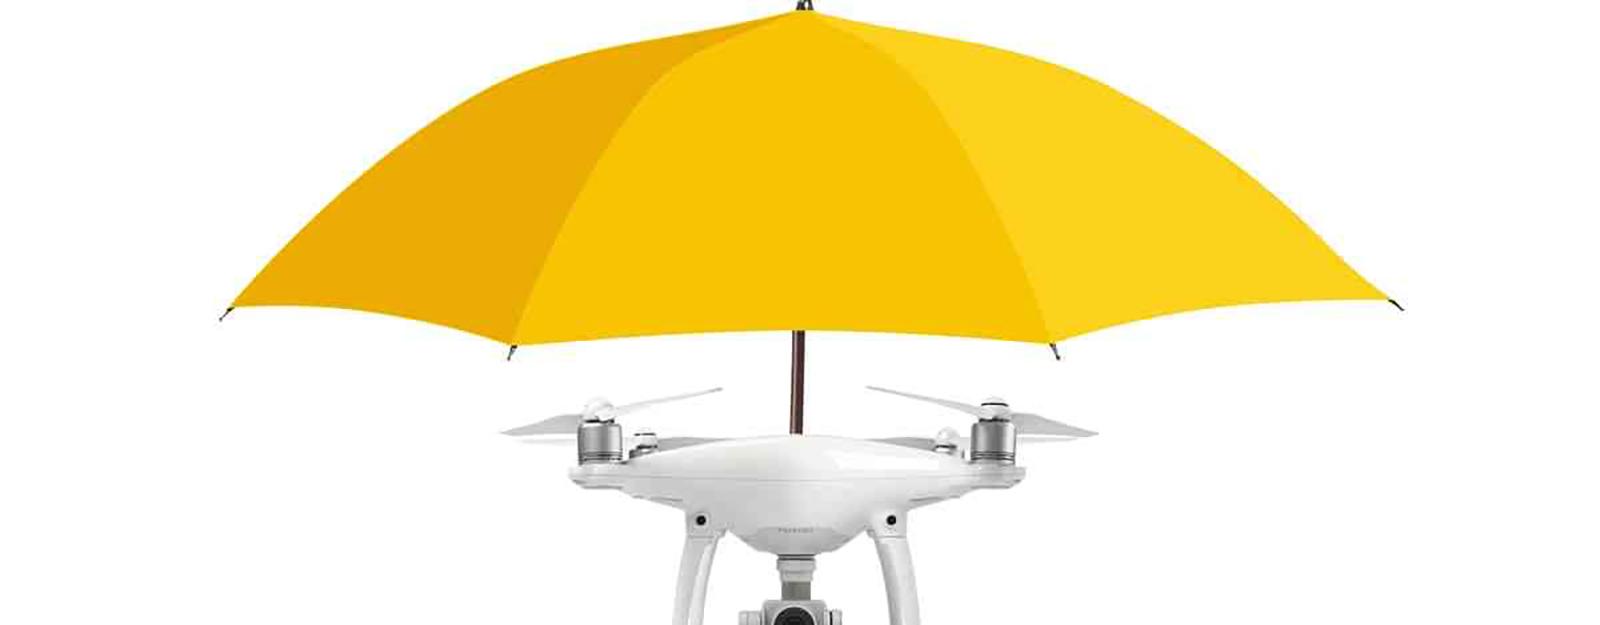 the drone umbrella core77